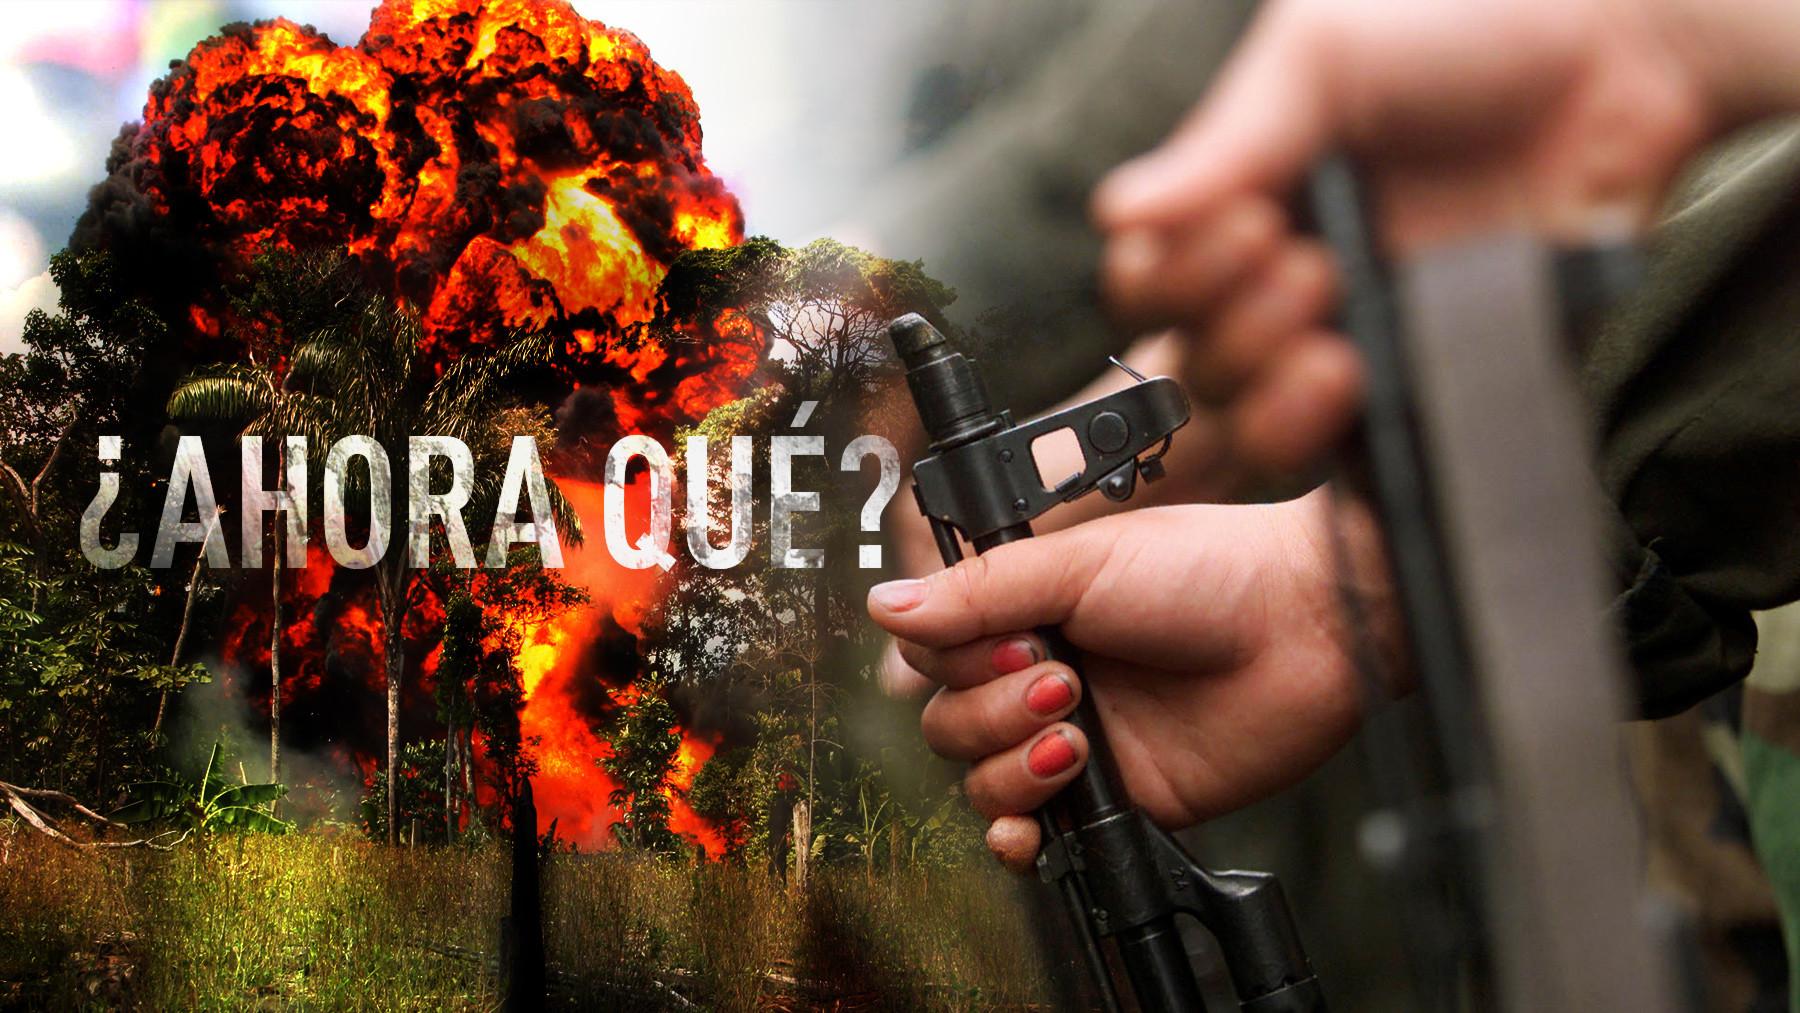 """¿Después del acuerdo qué?: """"En Colombia nos tocará desarmar las palabras"""""""